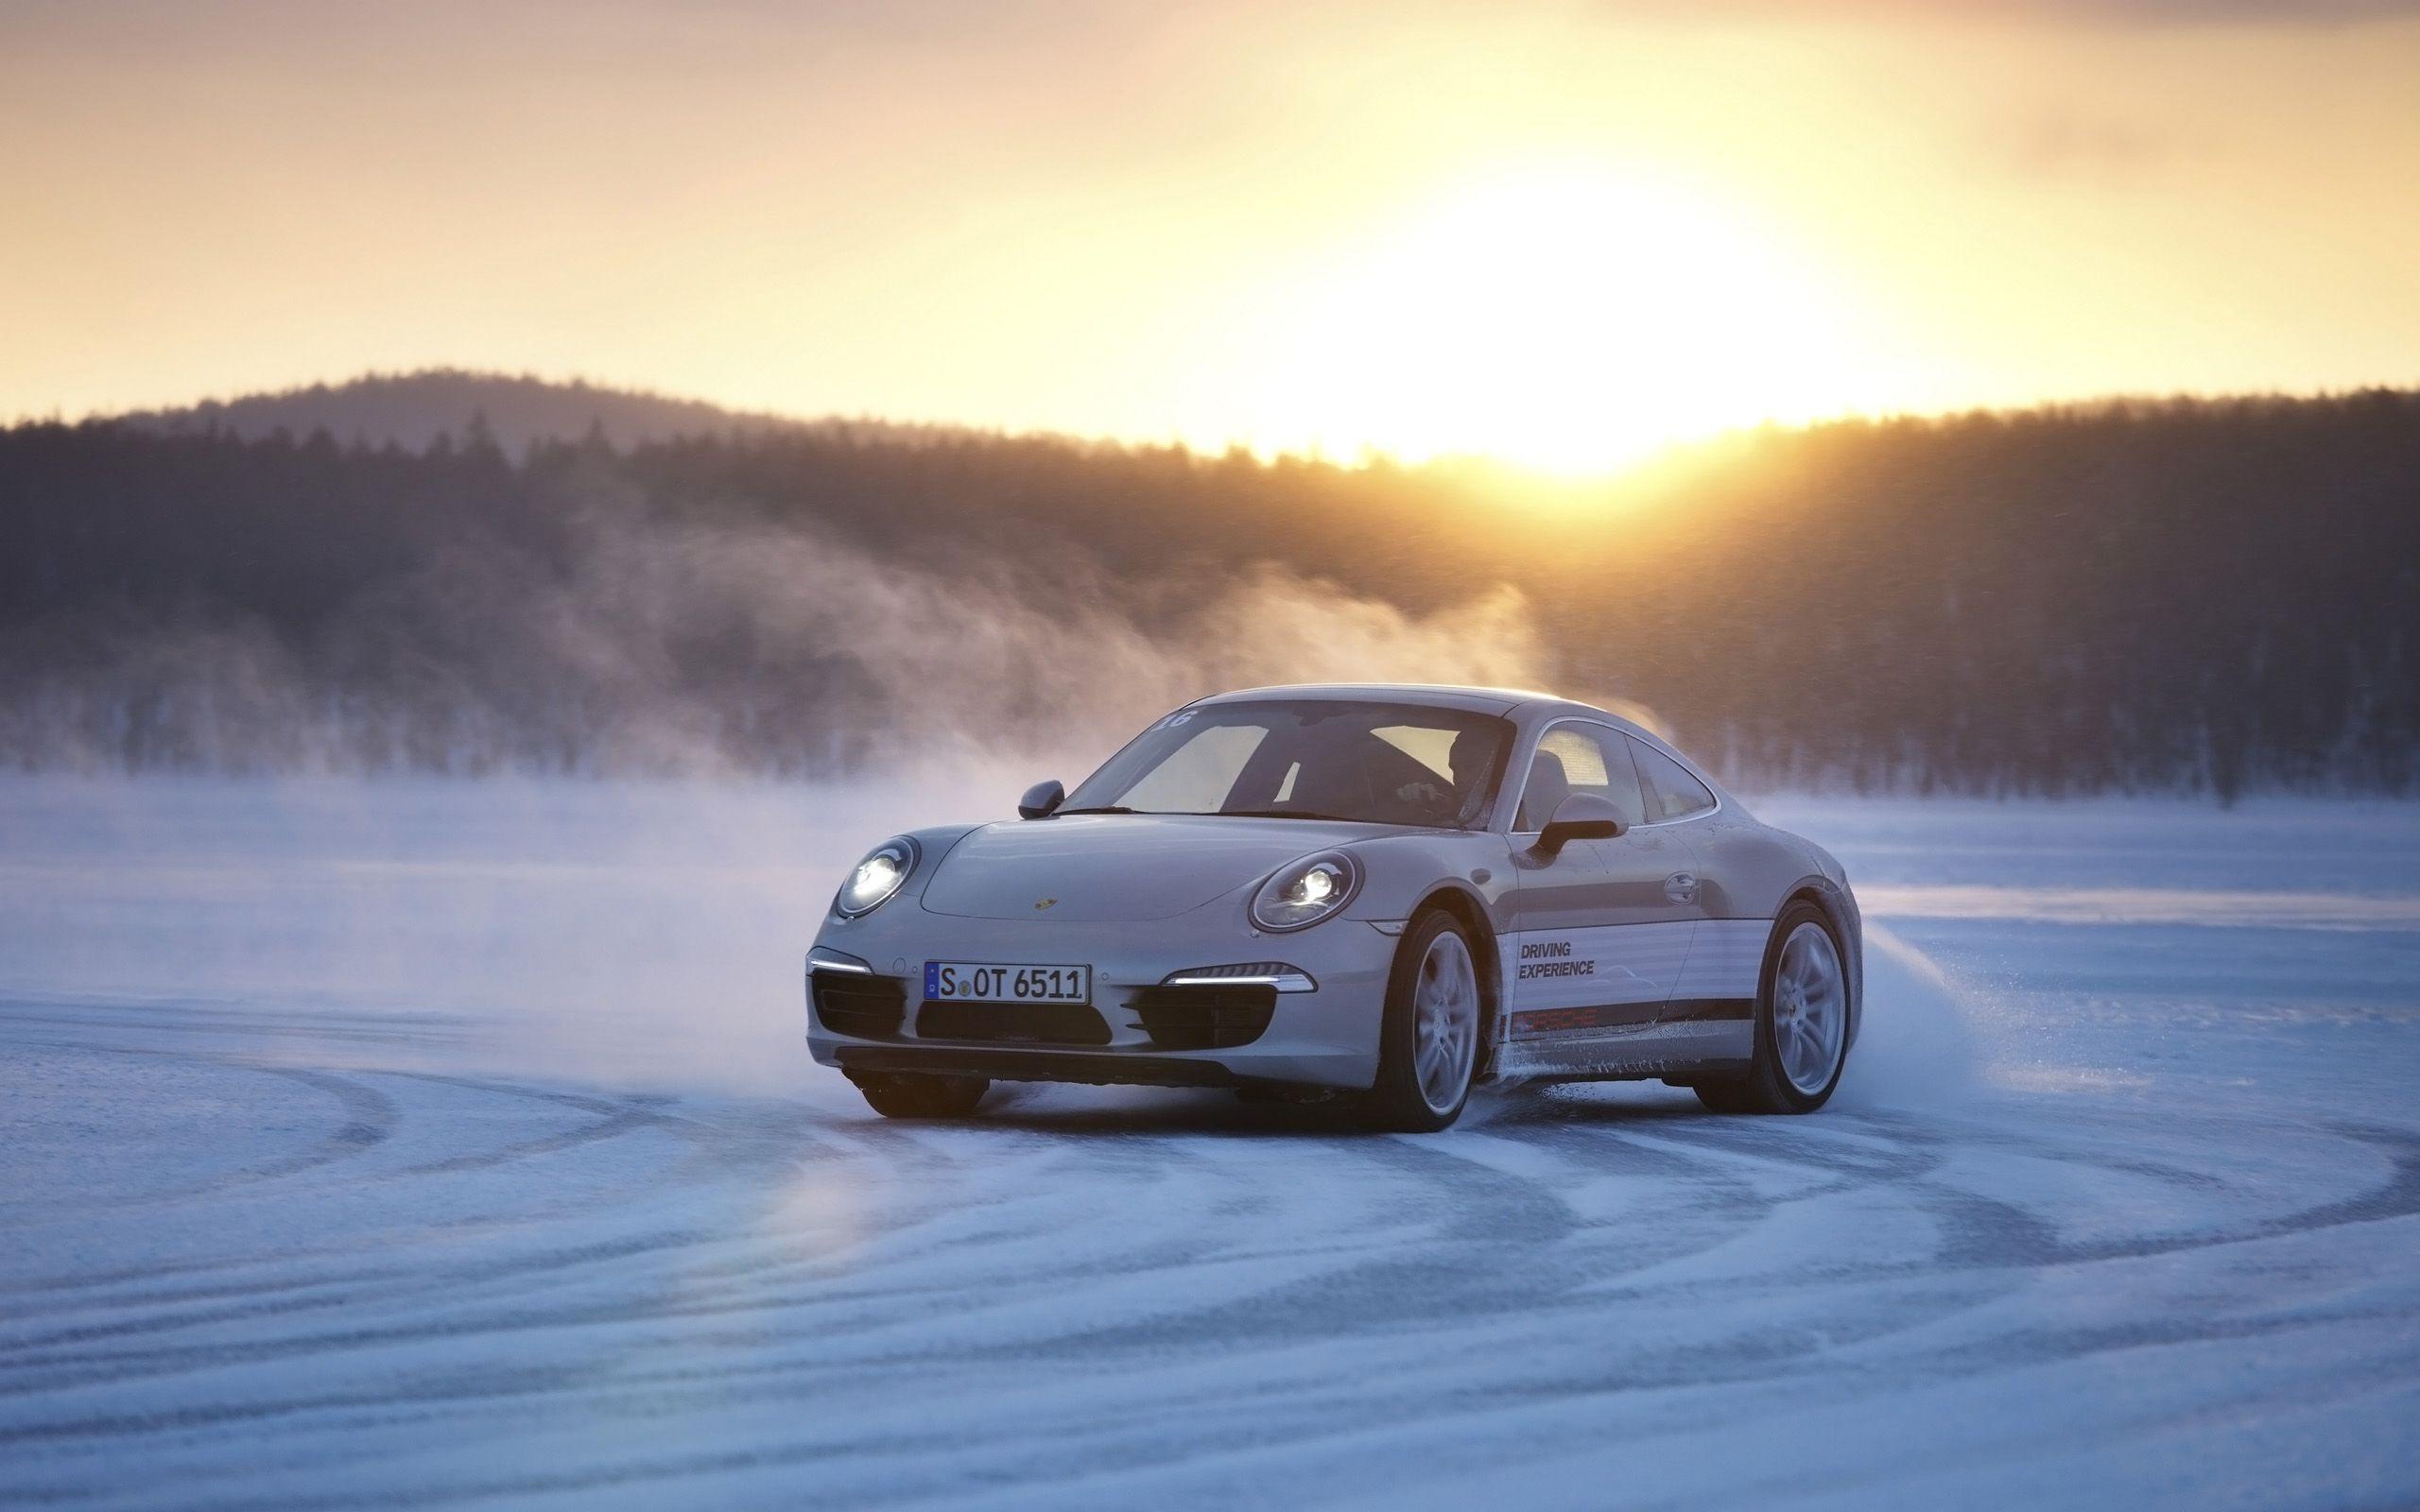 Porsche 911 Wallpapers   Top Porsche 911 Backgrounds 2560x1600